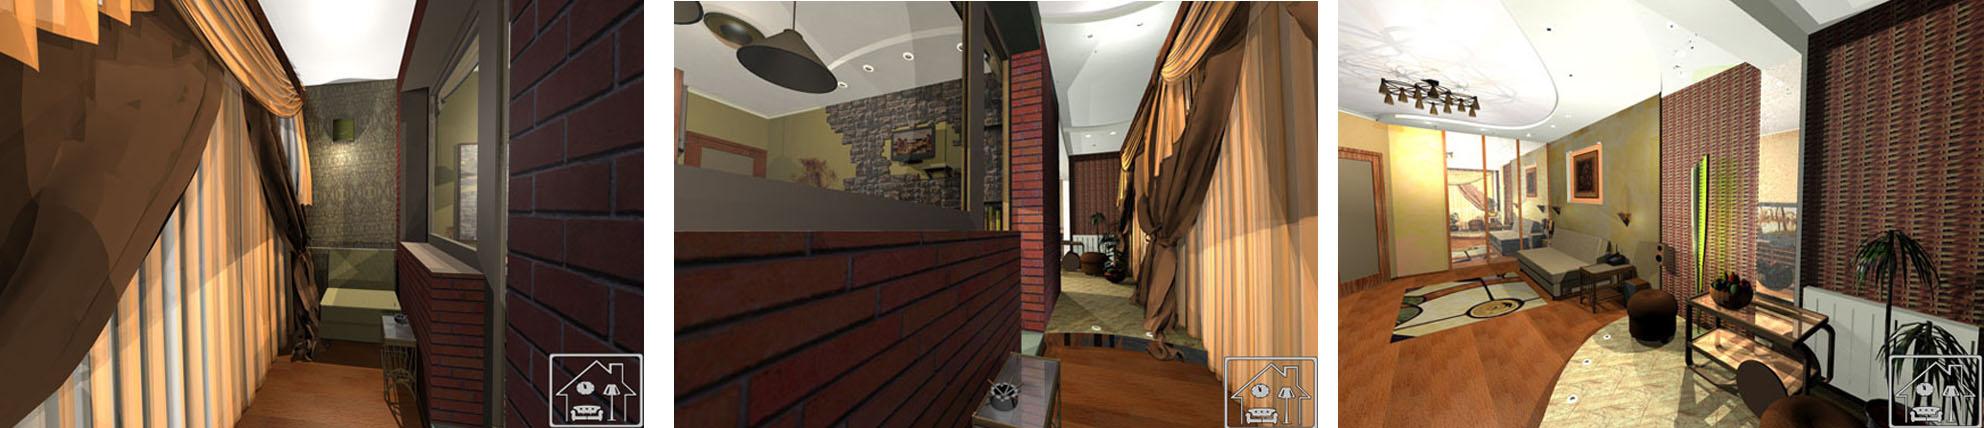 гостиная с зоной отдыха на балконе 2